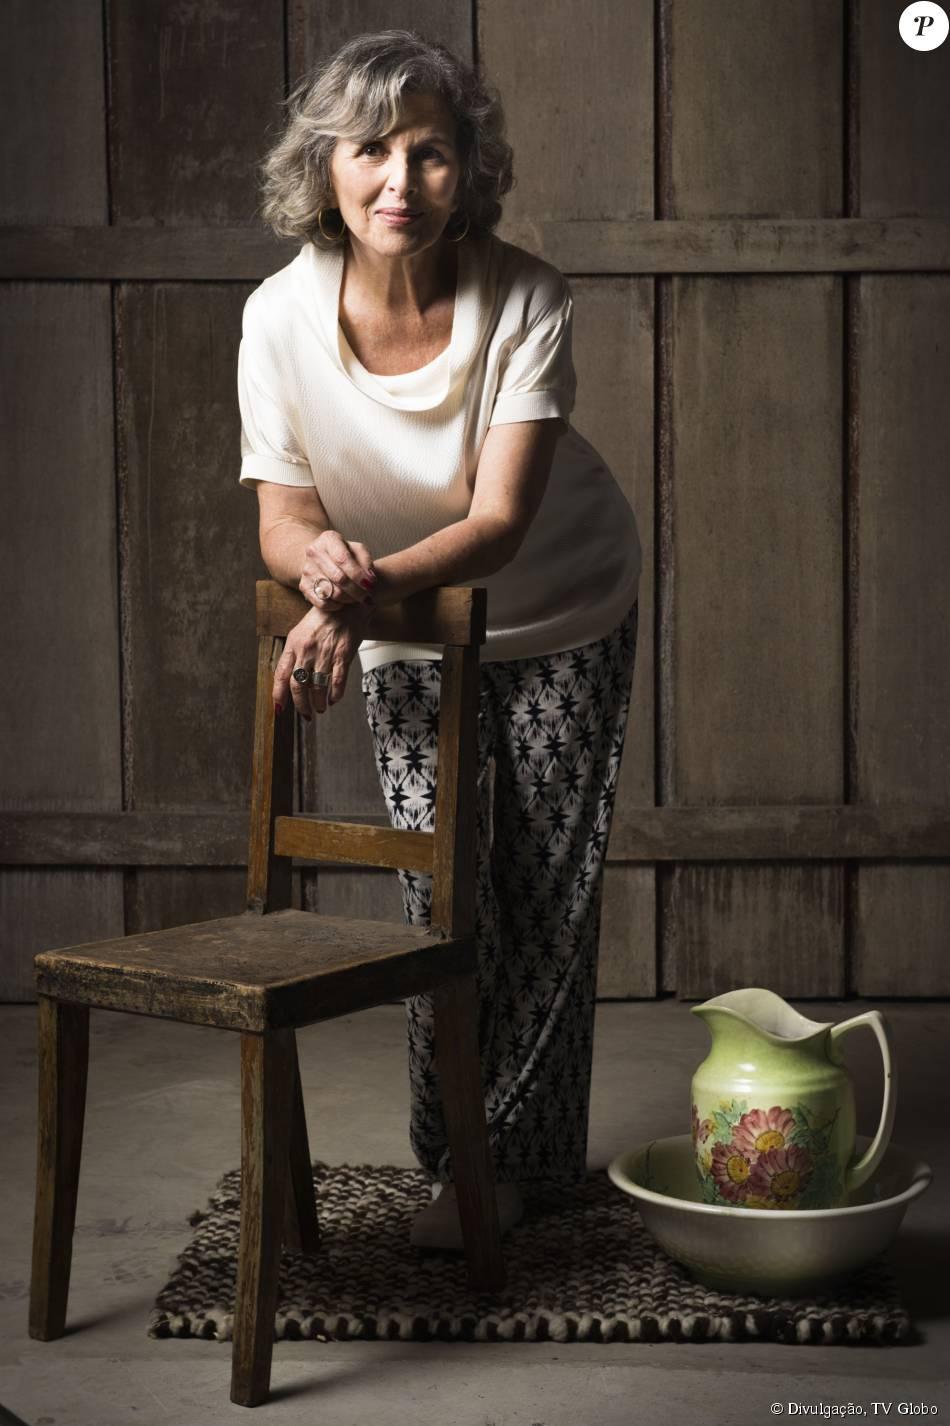 Vitória (Irene Ravache) será mãe de Emília (Ana Beatriz Nogueira) e pensará que ela está viva, na segunda fase da novela 'Além do Tempo' que começa em 20 de outubro de 2015